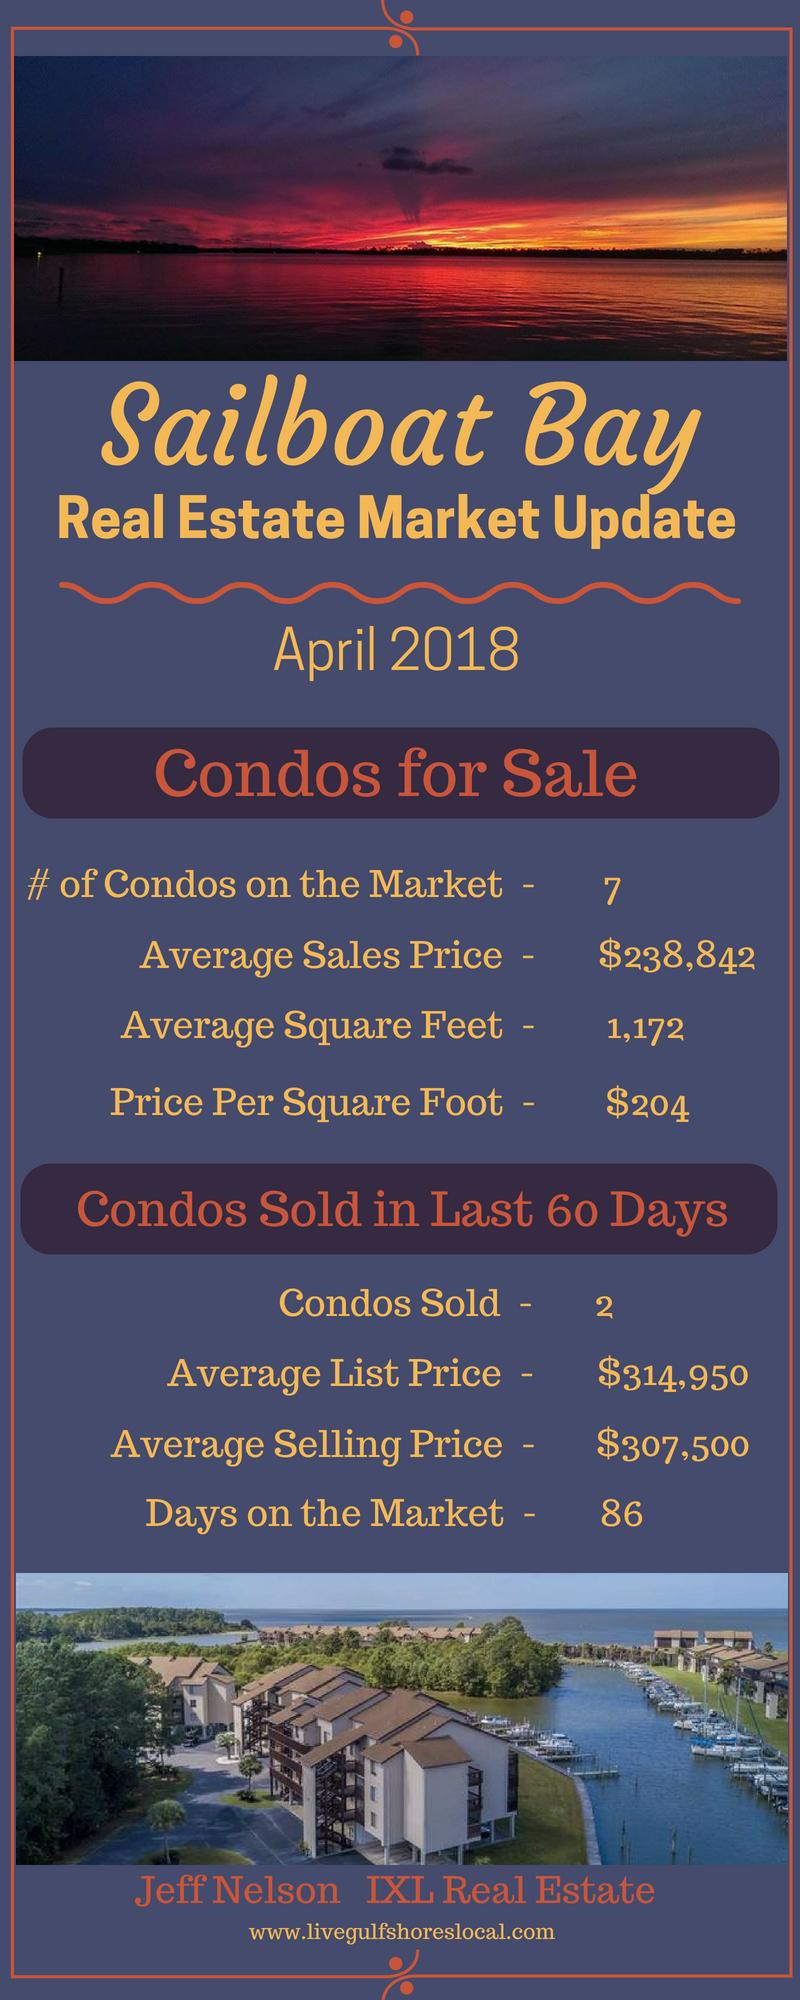 Sailboat Bay Real Estate Market Update - April 2018